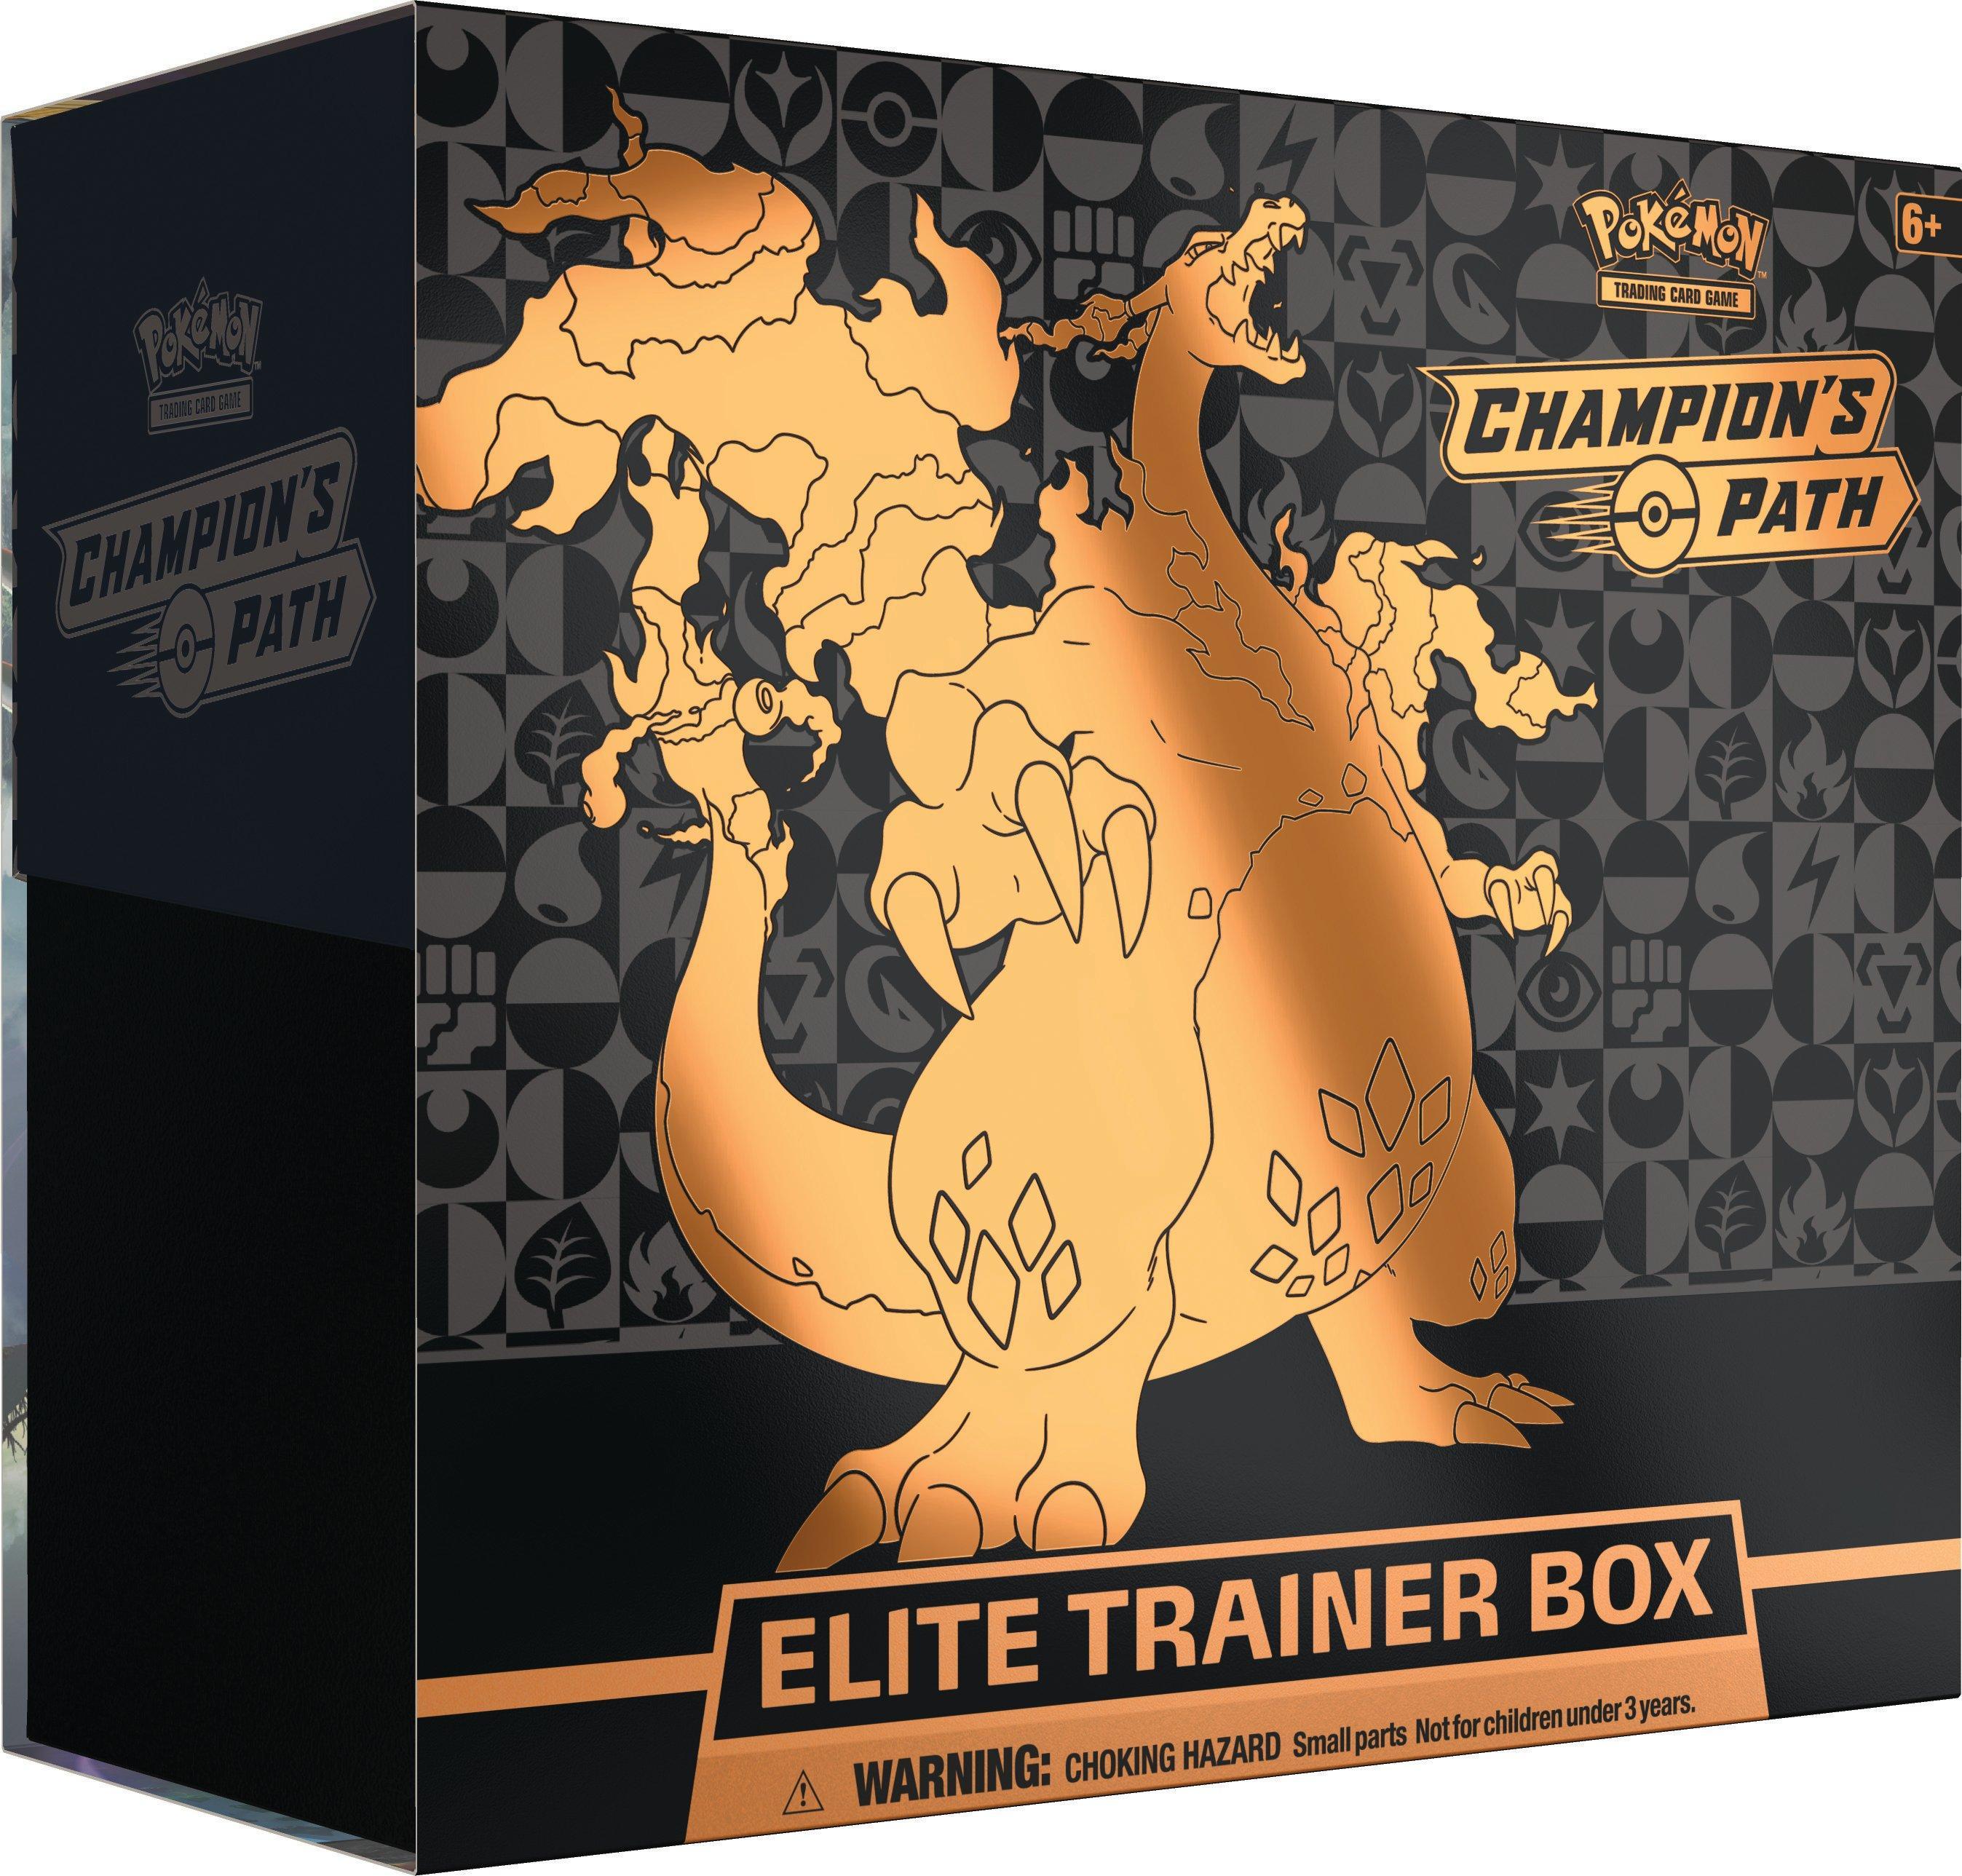 Pokemon Trading Card Game: Champion's Path Elite Trainer Box | GameStop  $49.99 IN STOCK DEC 31